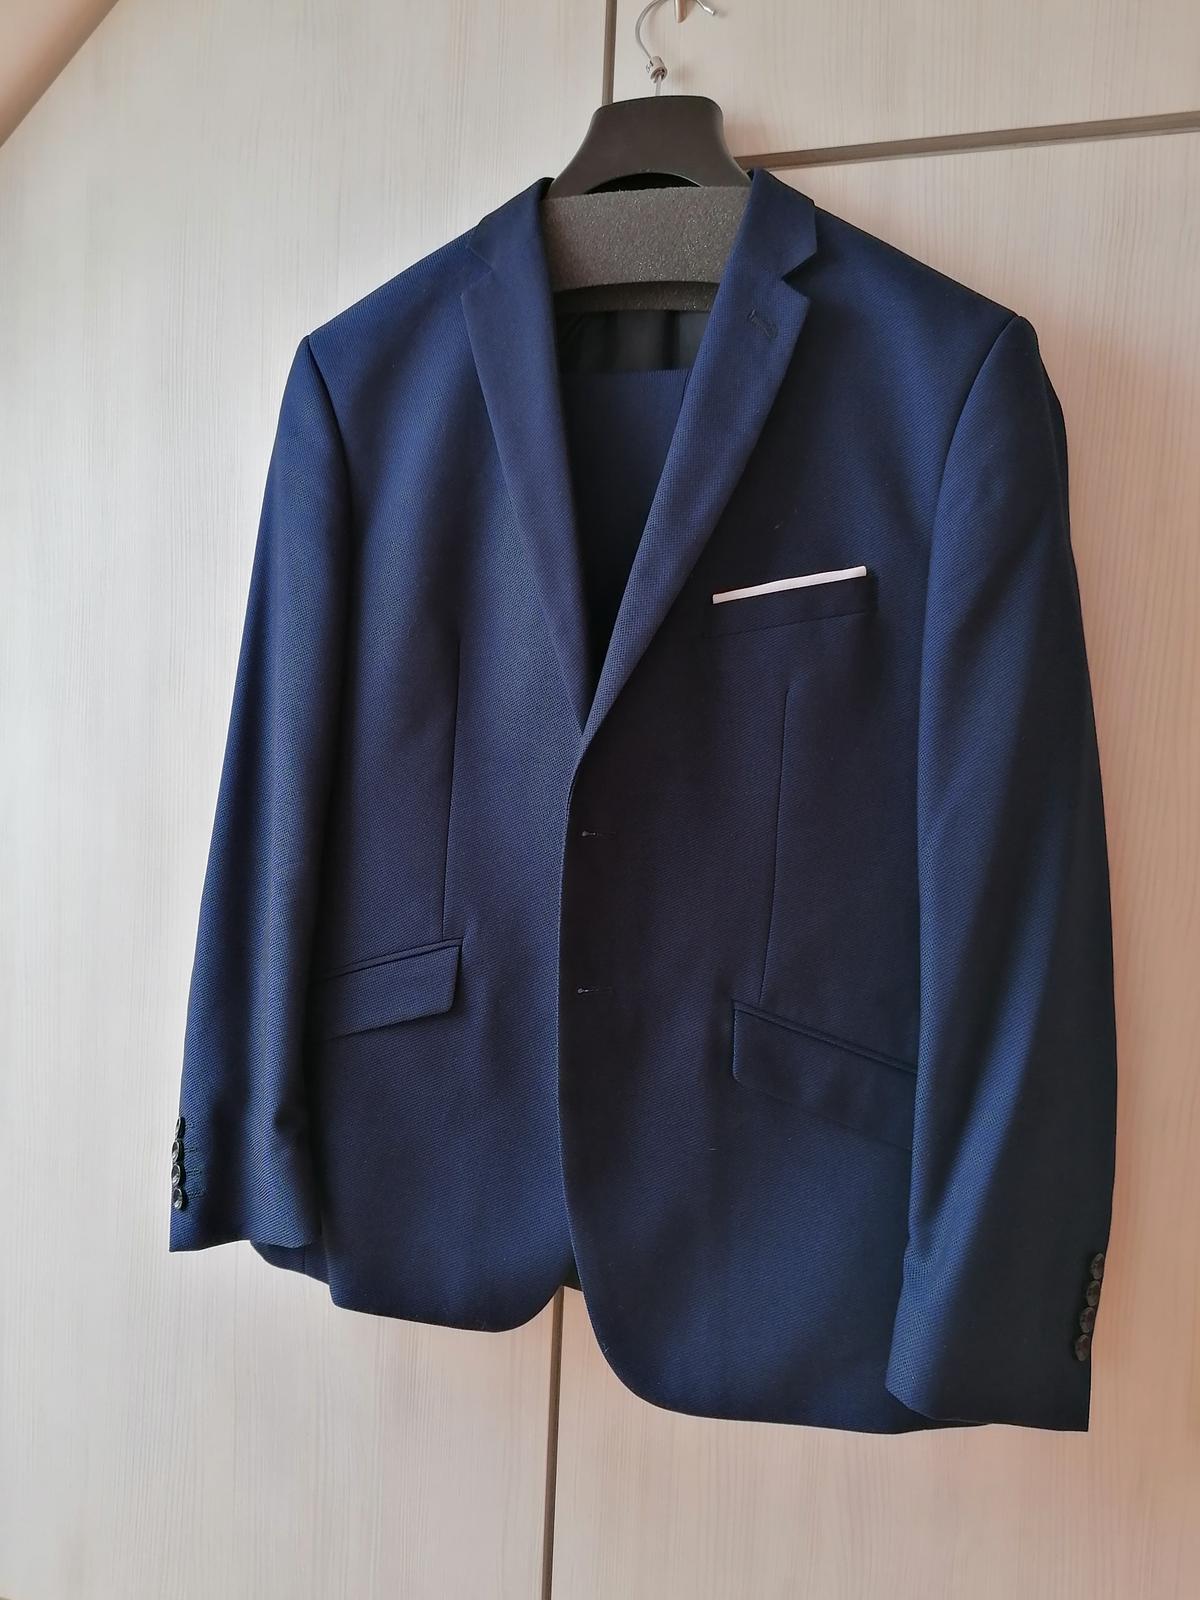 Modrý oblek- jako nový - Obrázek č. 1